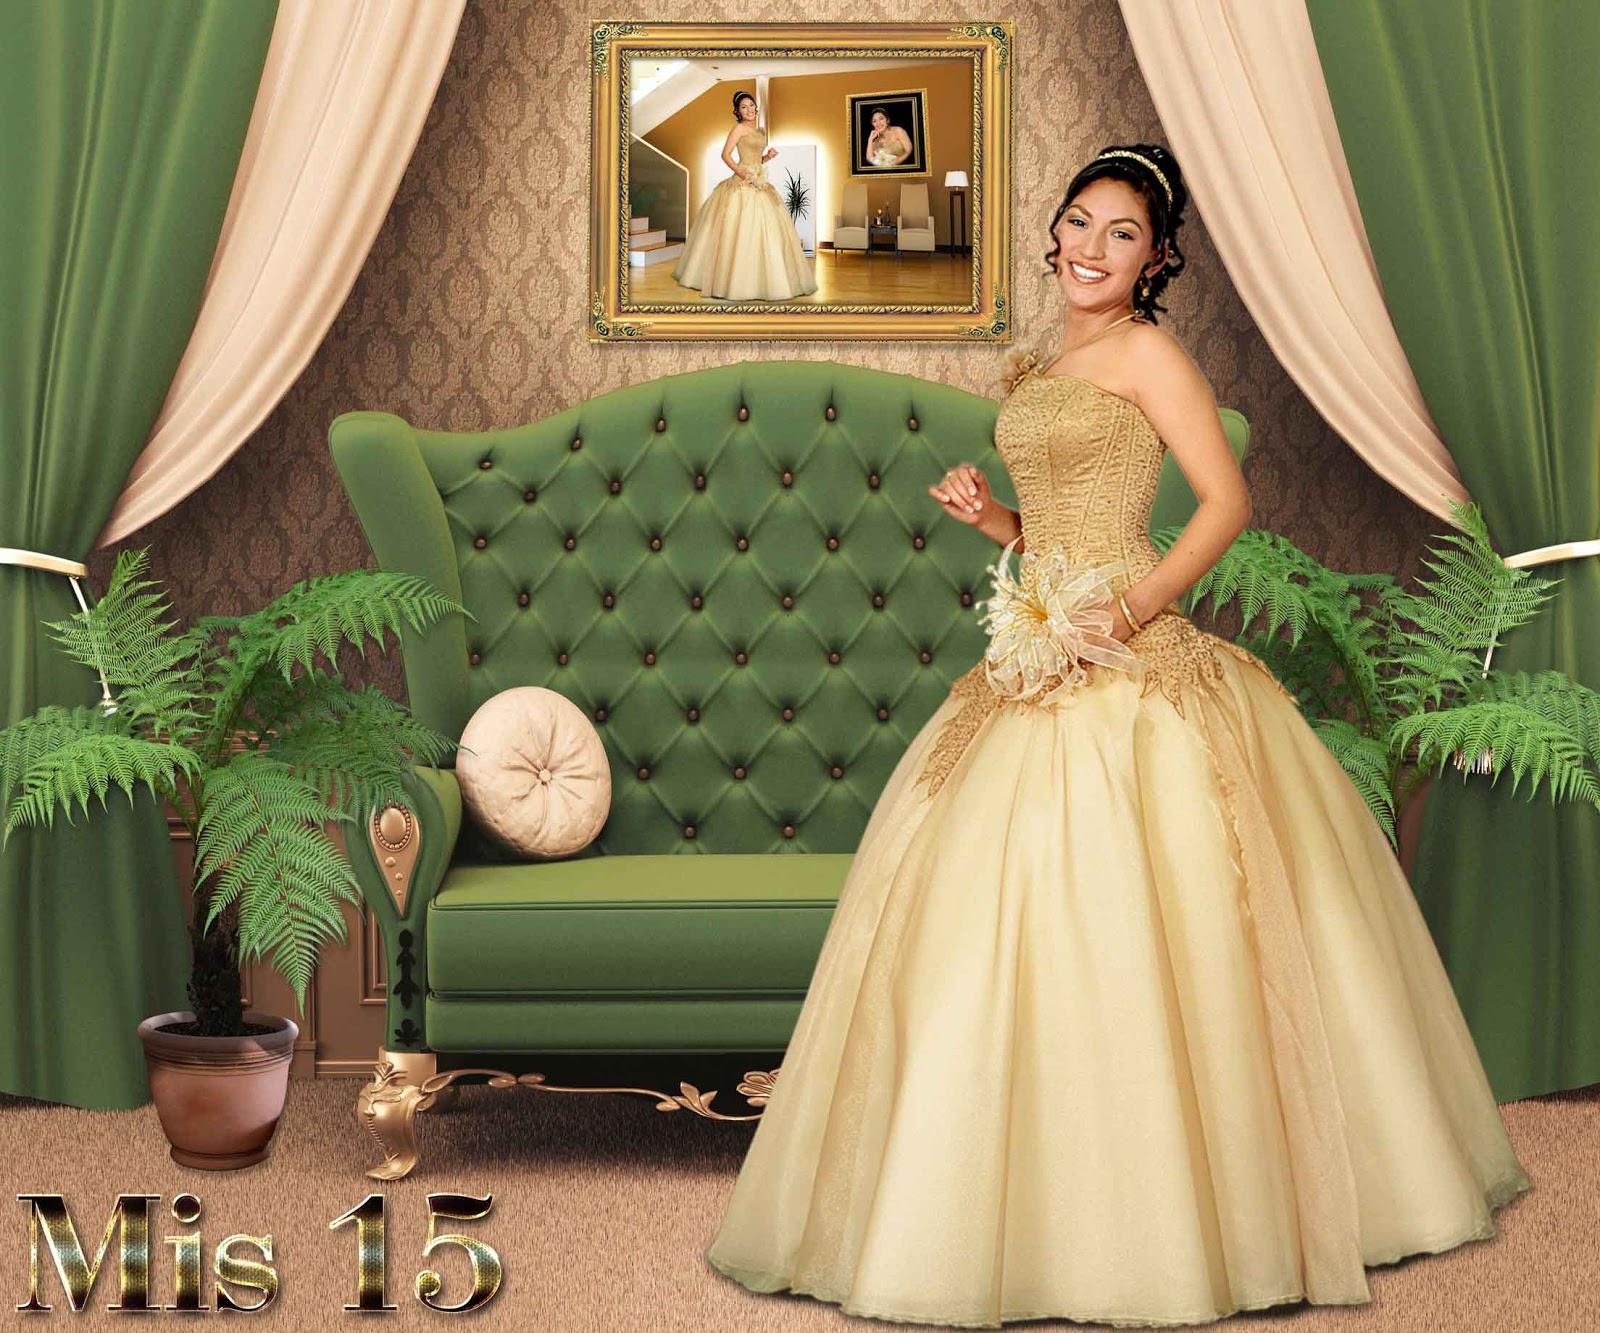 1600 x 1333 jpeg 449kB, Domingo 19 De Febrero De 2012